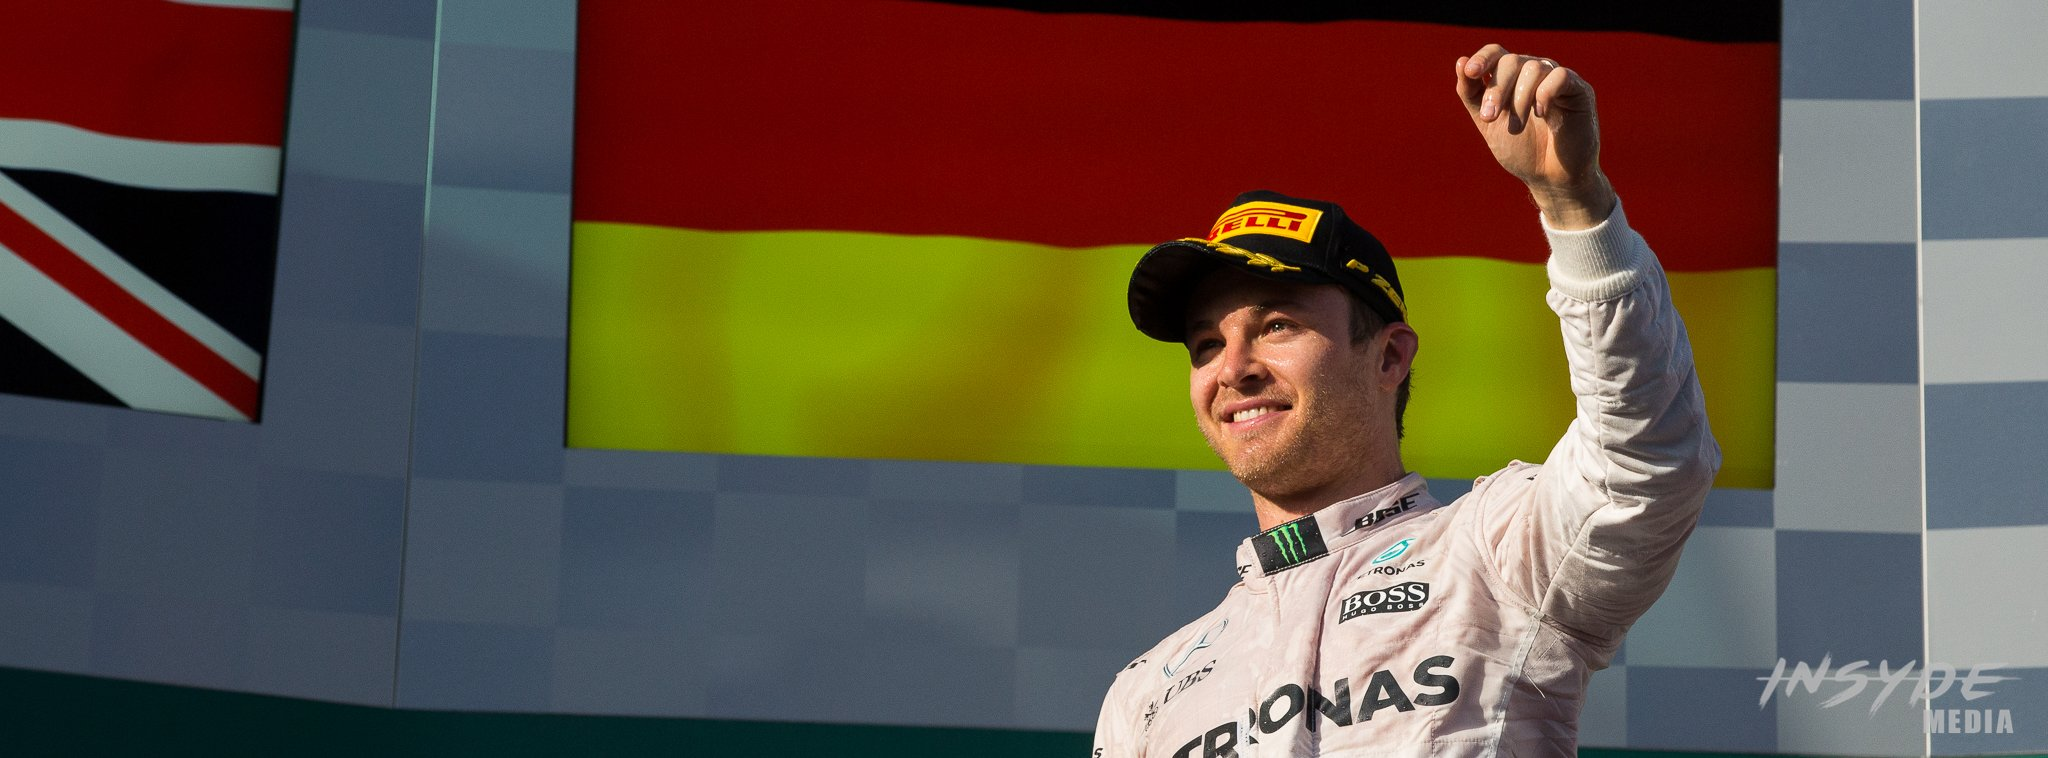 InSyde Media - Formula 1